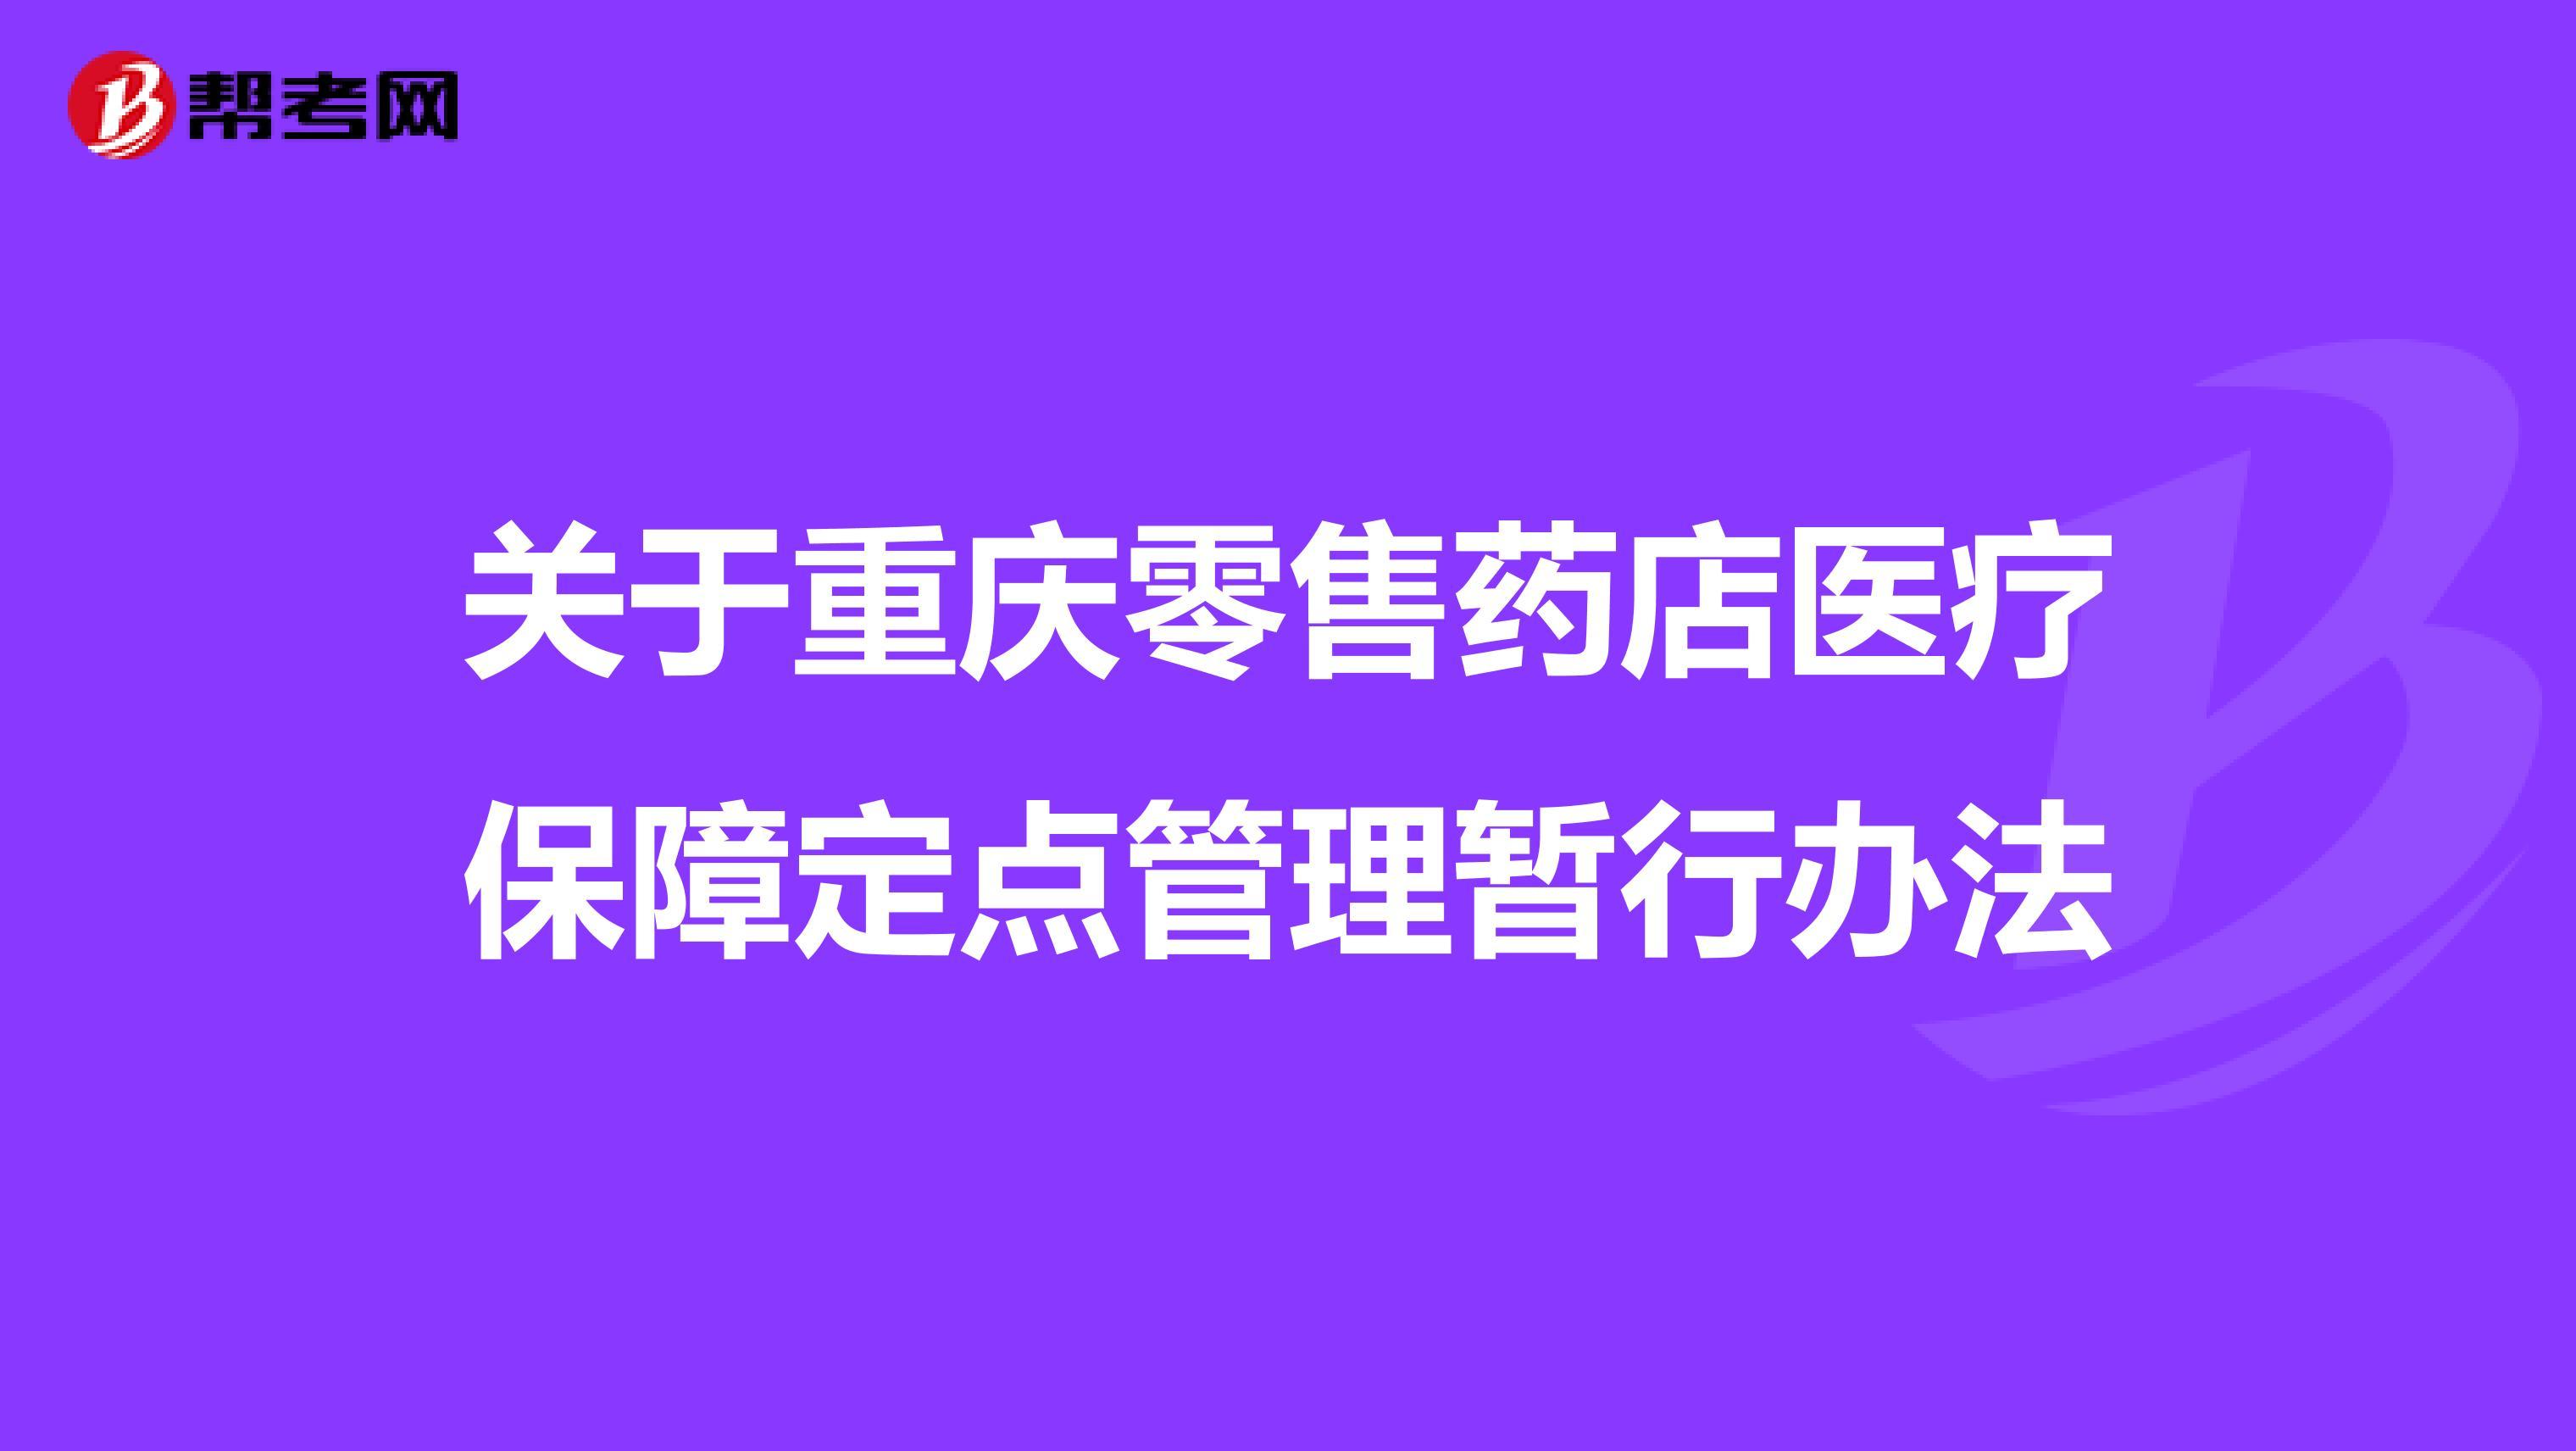 关于重庆零售药店医疗保障定点管理暂行办法